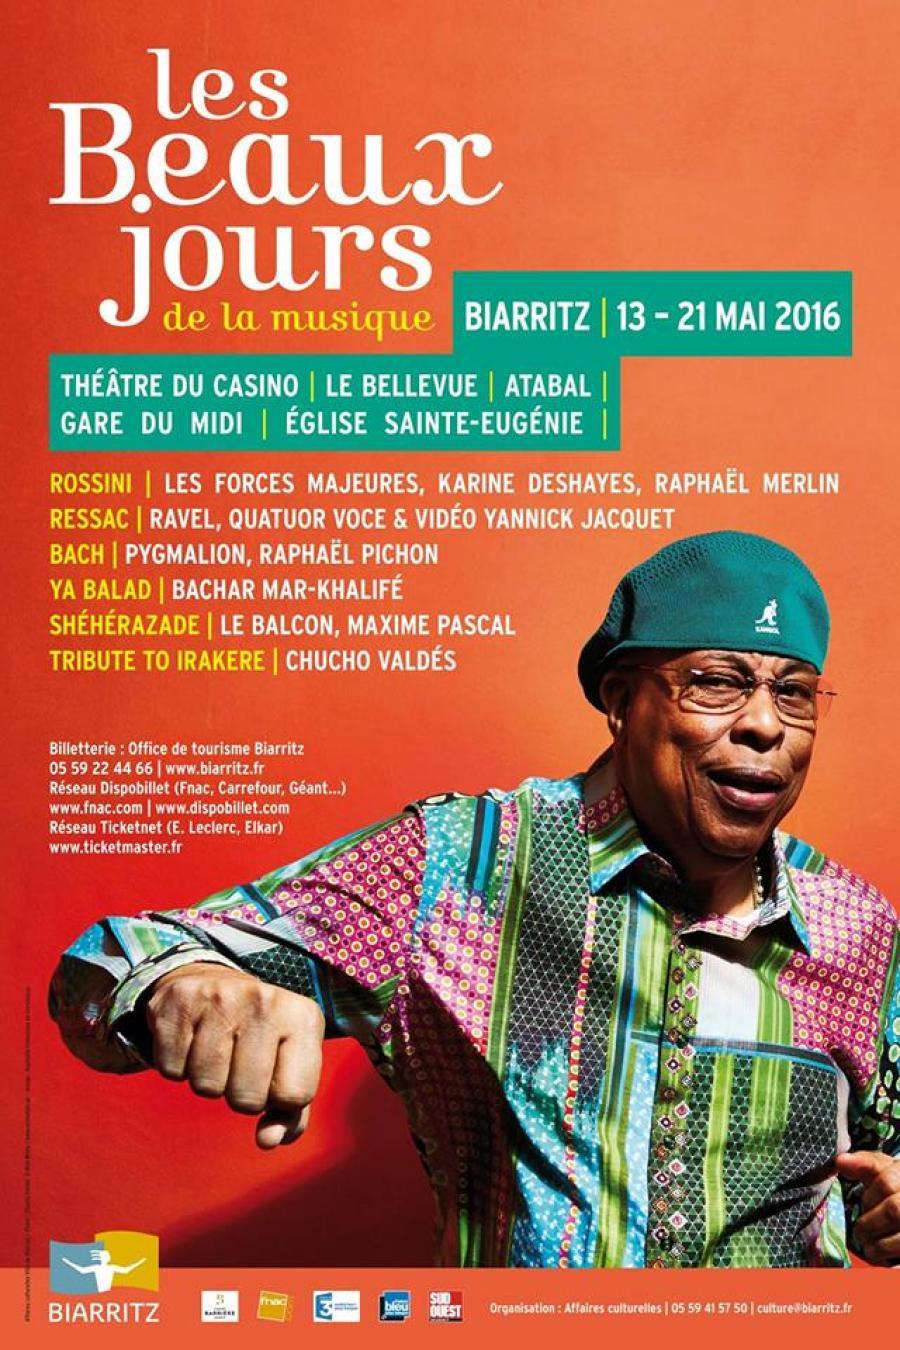 festival-les-beaux-jours-de-la-musique-kjd7(1)